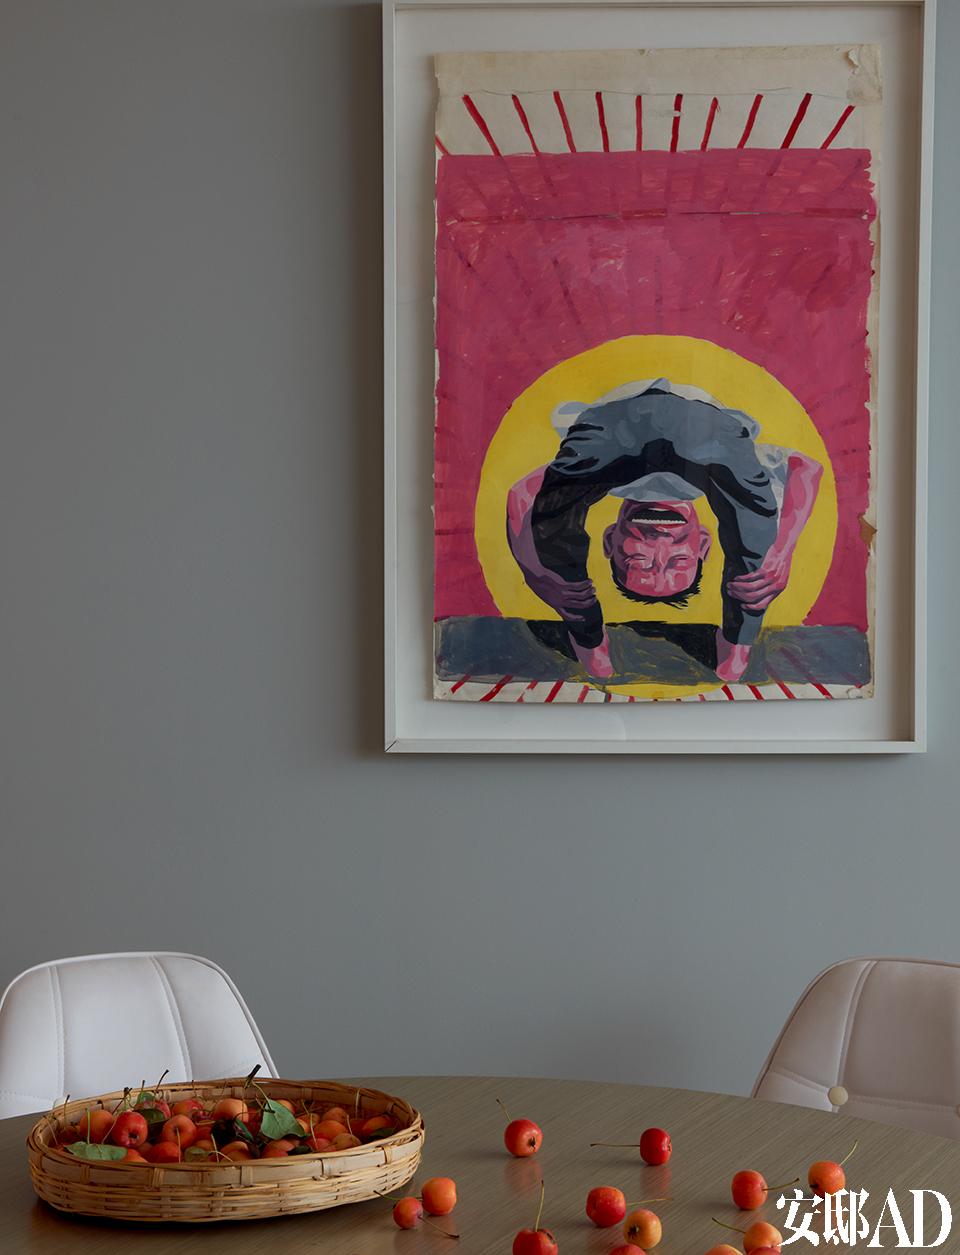 这个家与艺术是如此地息息相关,不仅表现在满墙的画作收藏上,还体现在光线的调配、 光源的设置,以 及色彩、细节的完美陪衬上……小餐厅的墙面上挂着一幅岳敏君早年创作的纸上作品,白色餐椅也是Eames的设计。